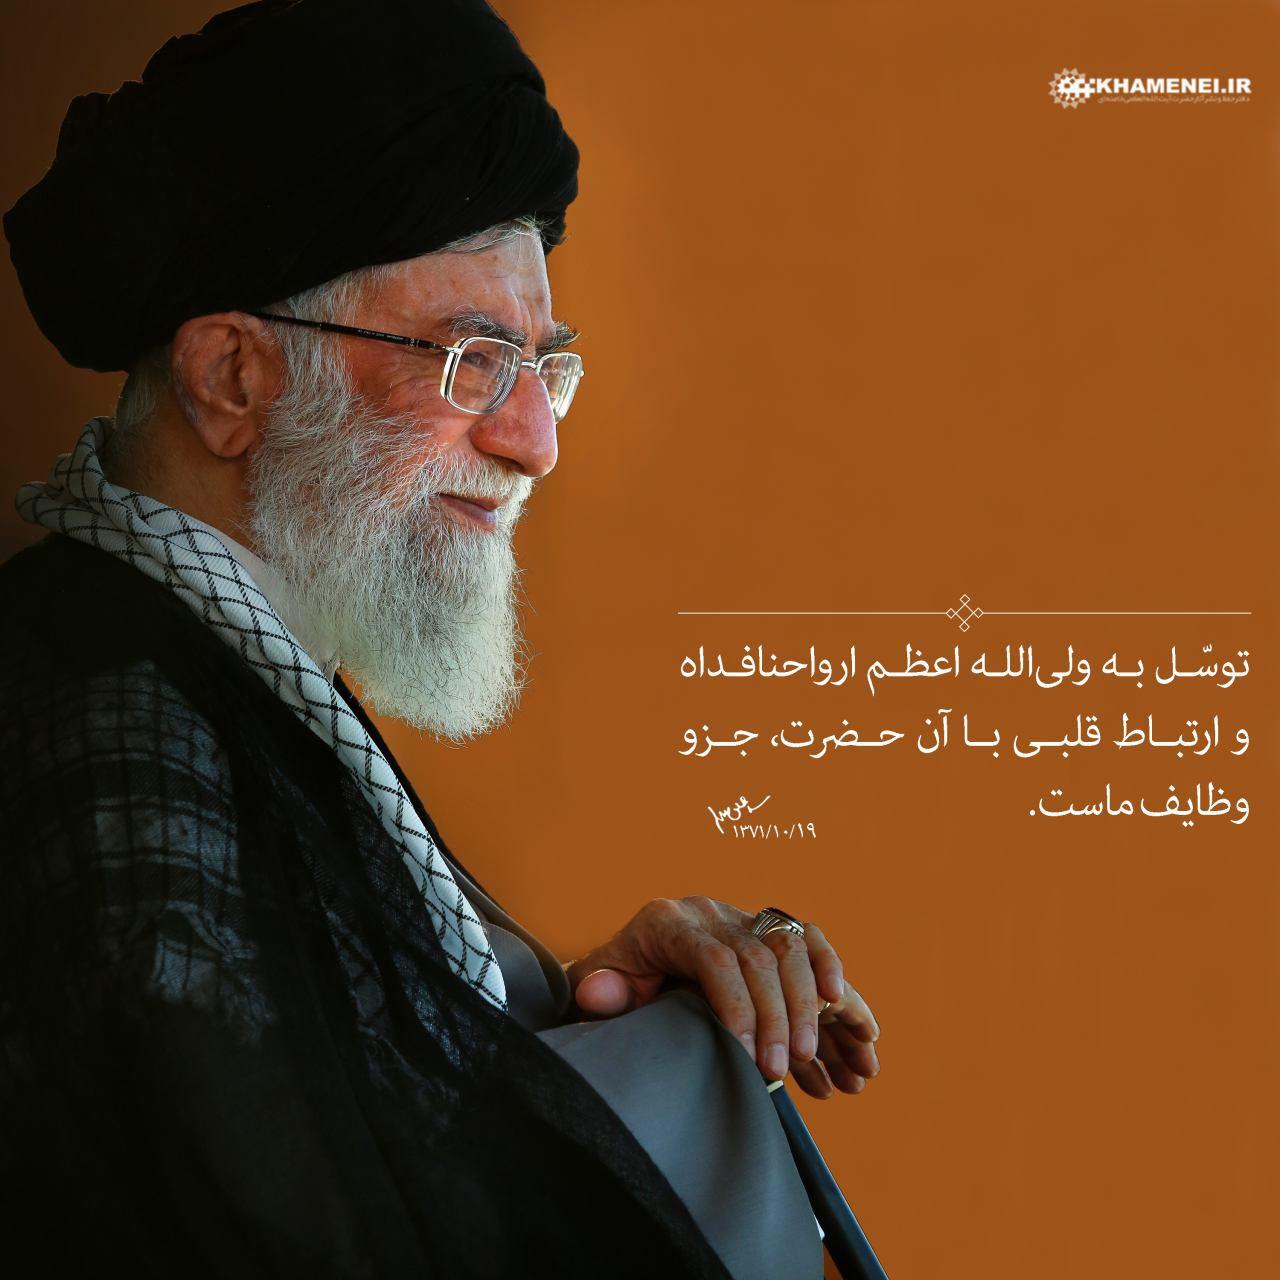 توسل به ولی الله اعظم ارواحنا فداه و ارتباط قلبی با آن حضرت، جزو وظایف ماست.jpg (1280×1280)